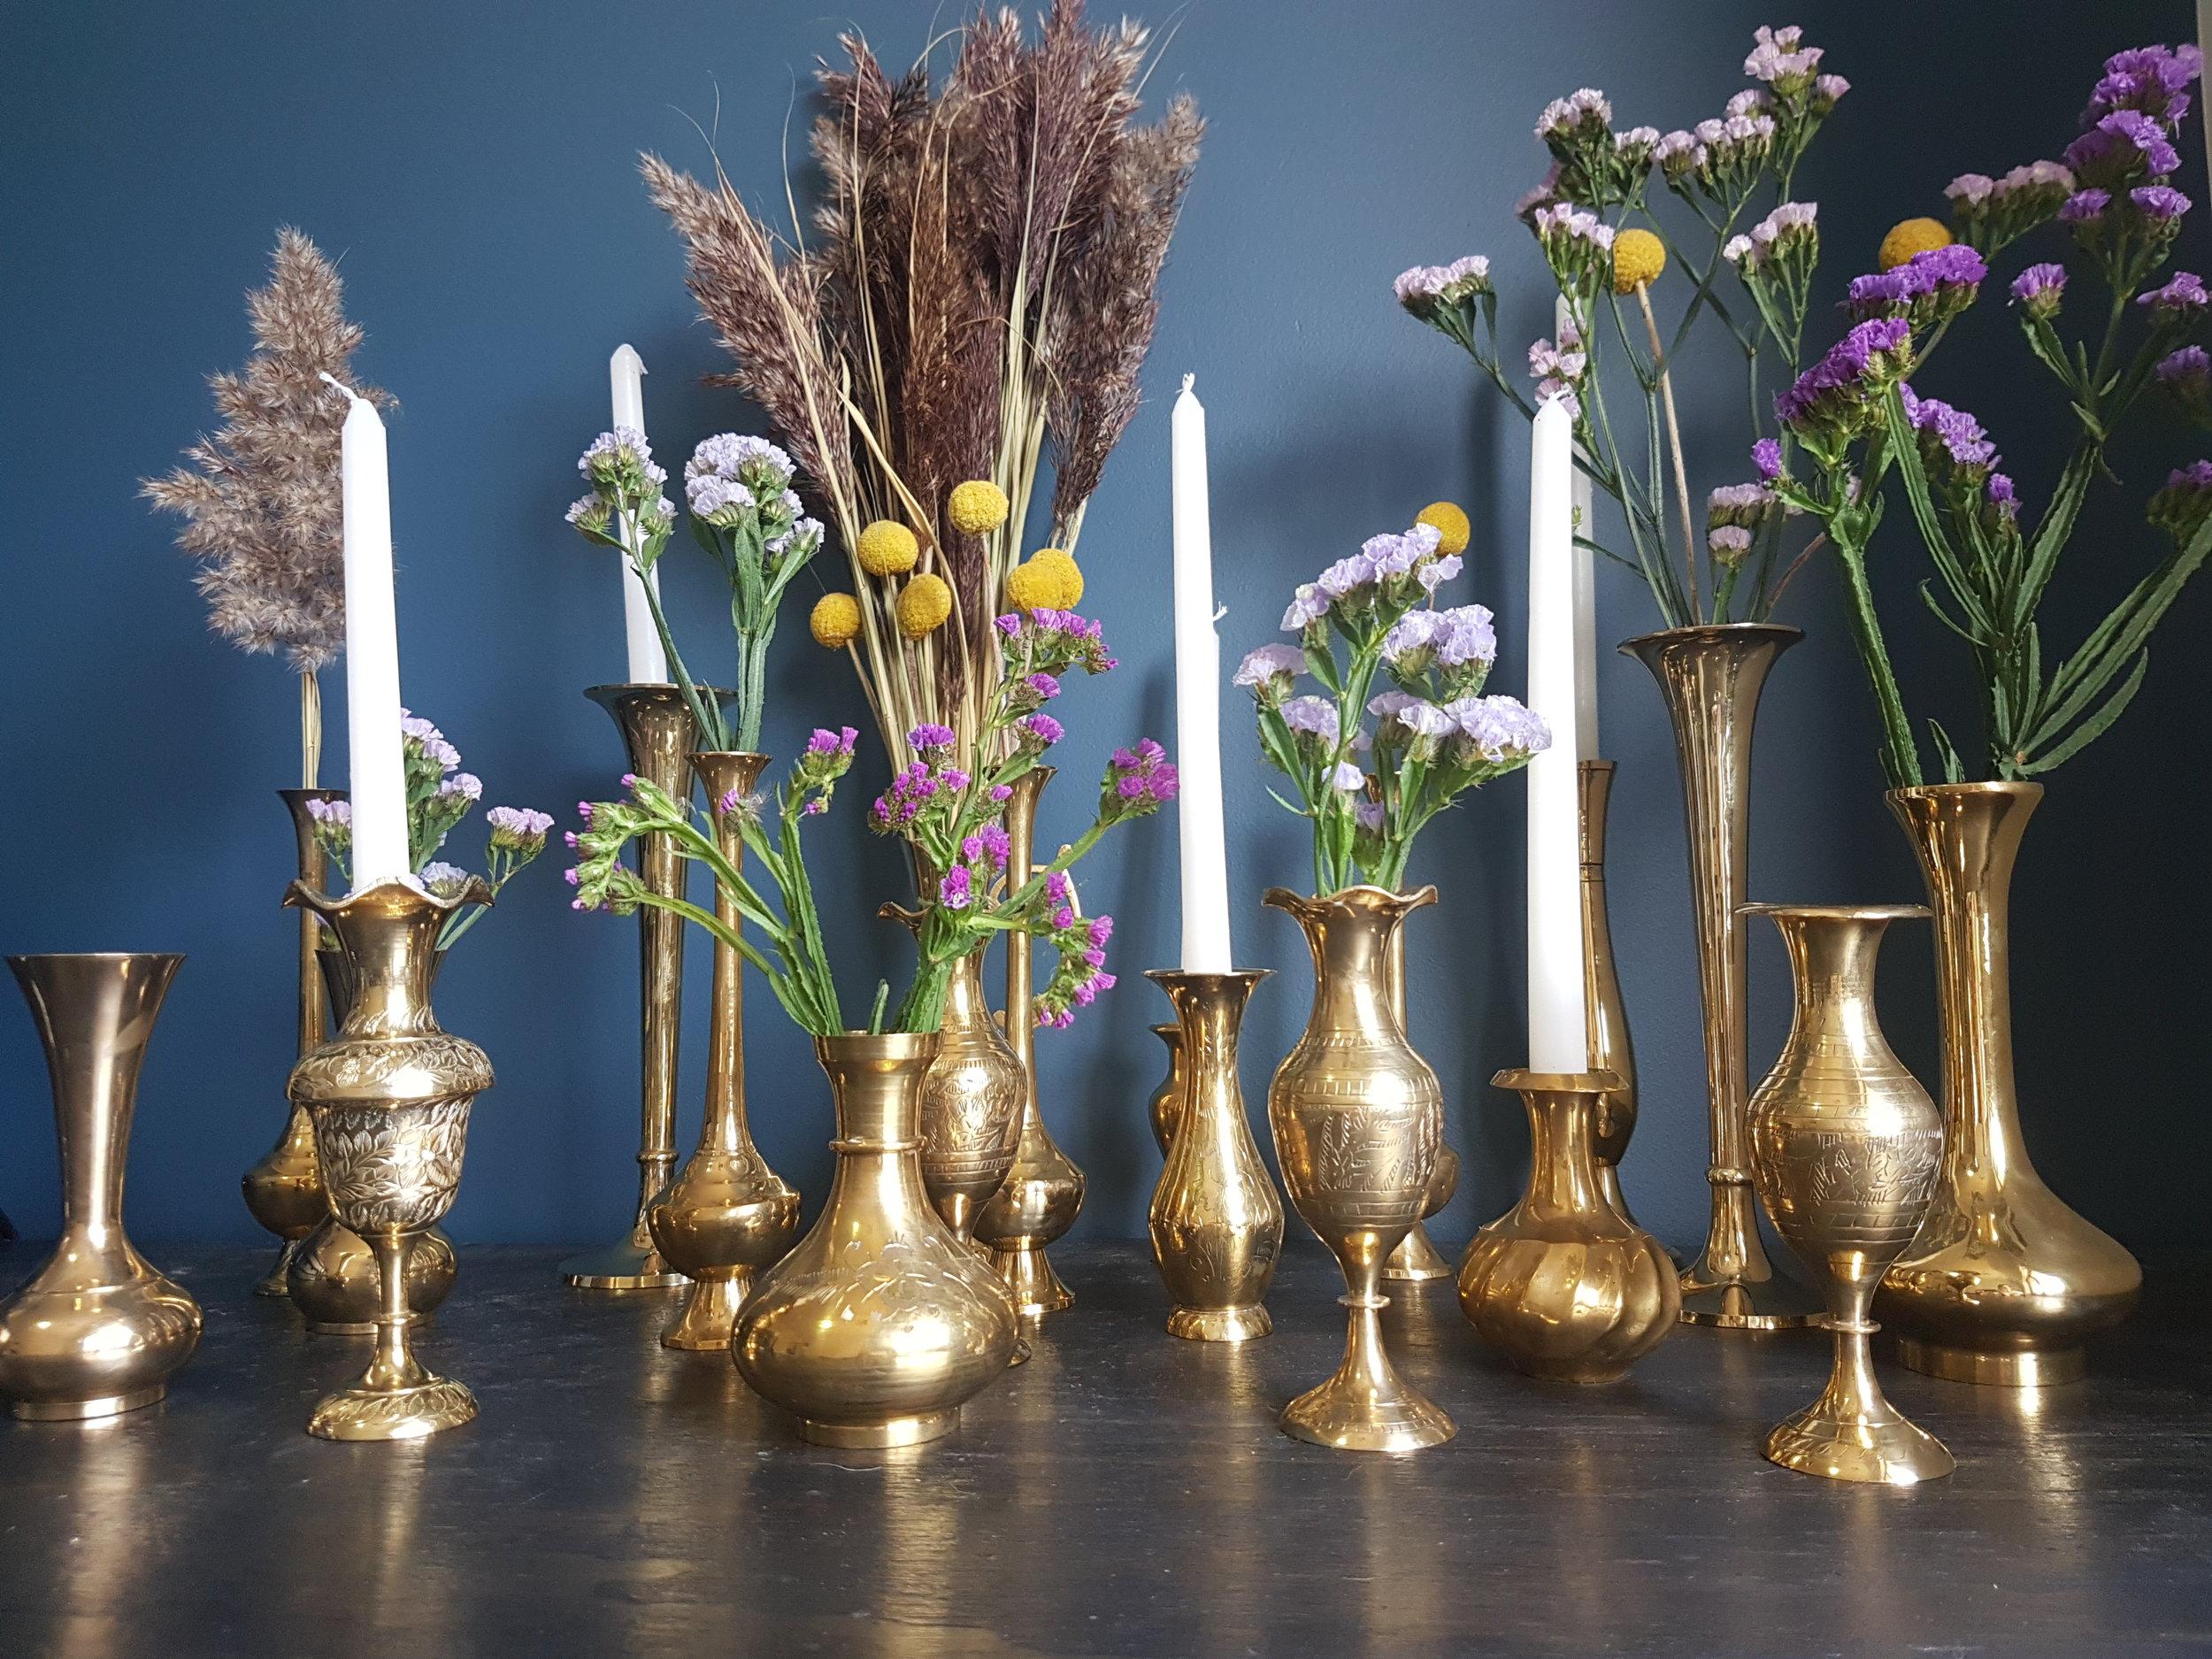 Hire Brass Candlesticks